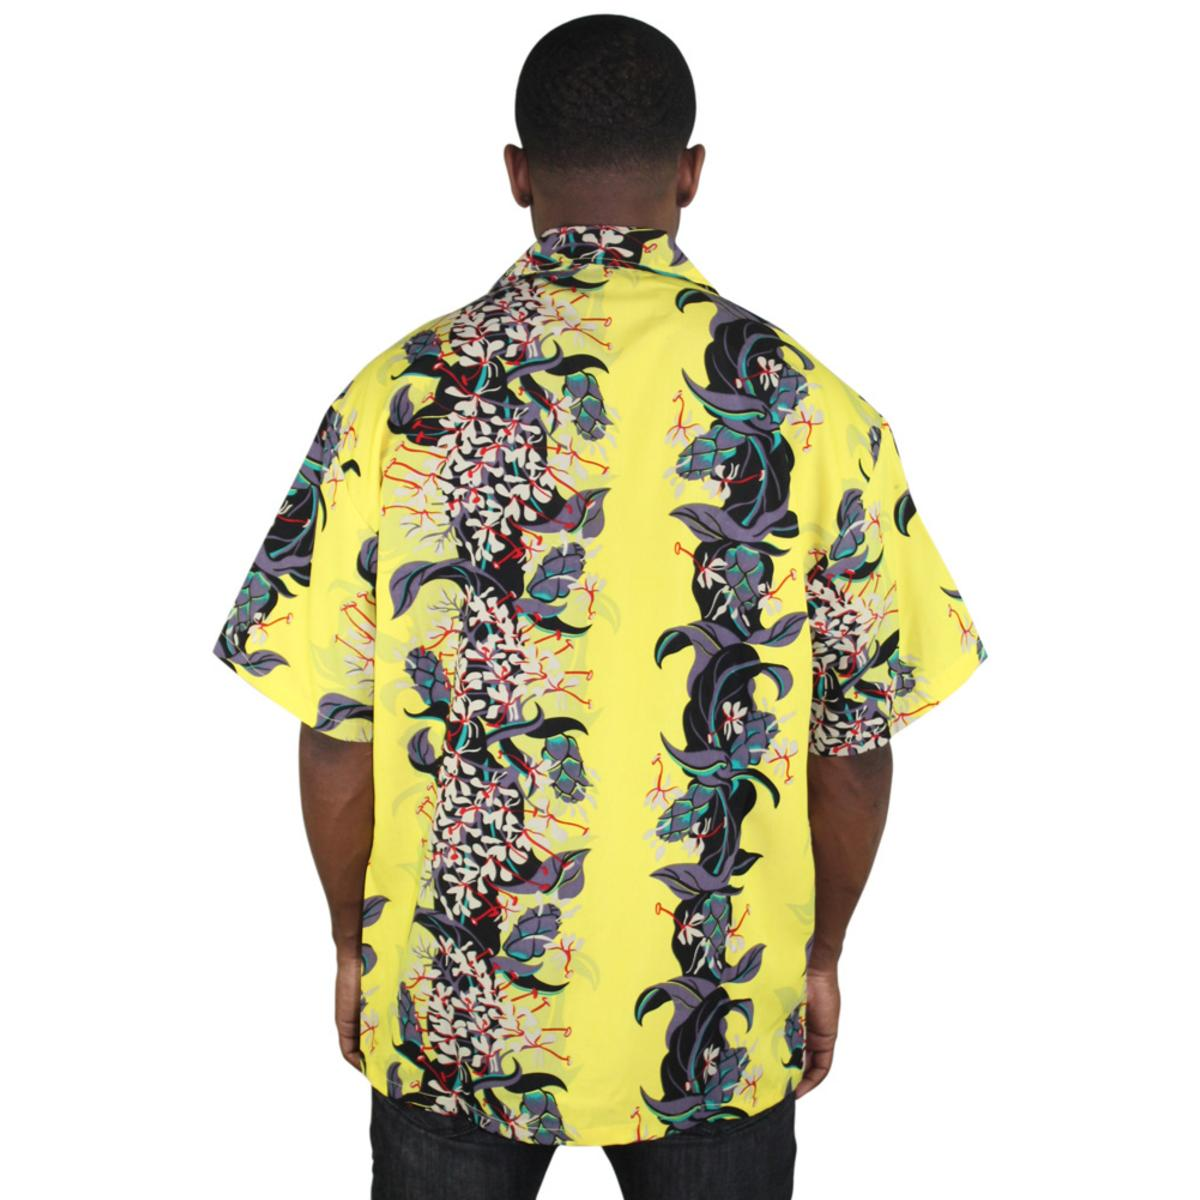 Moda-Essentials-Assorted-Men-039-s-Short-Sleeve-Button-Up-Shirt